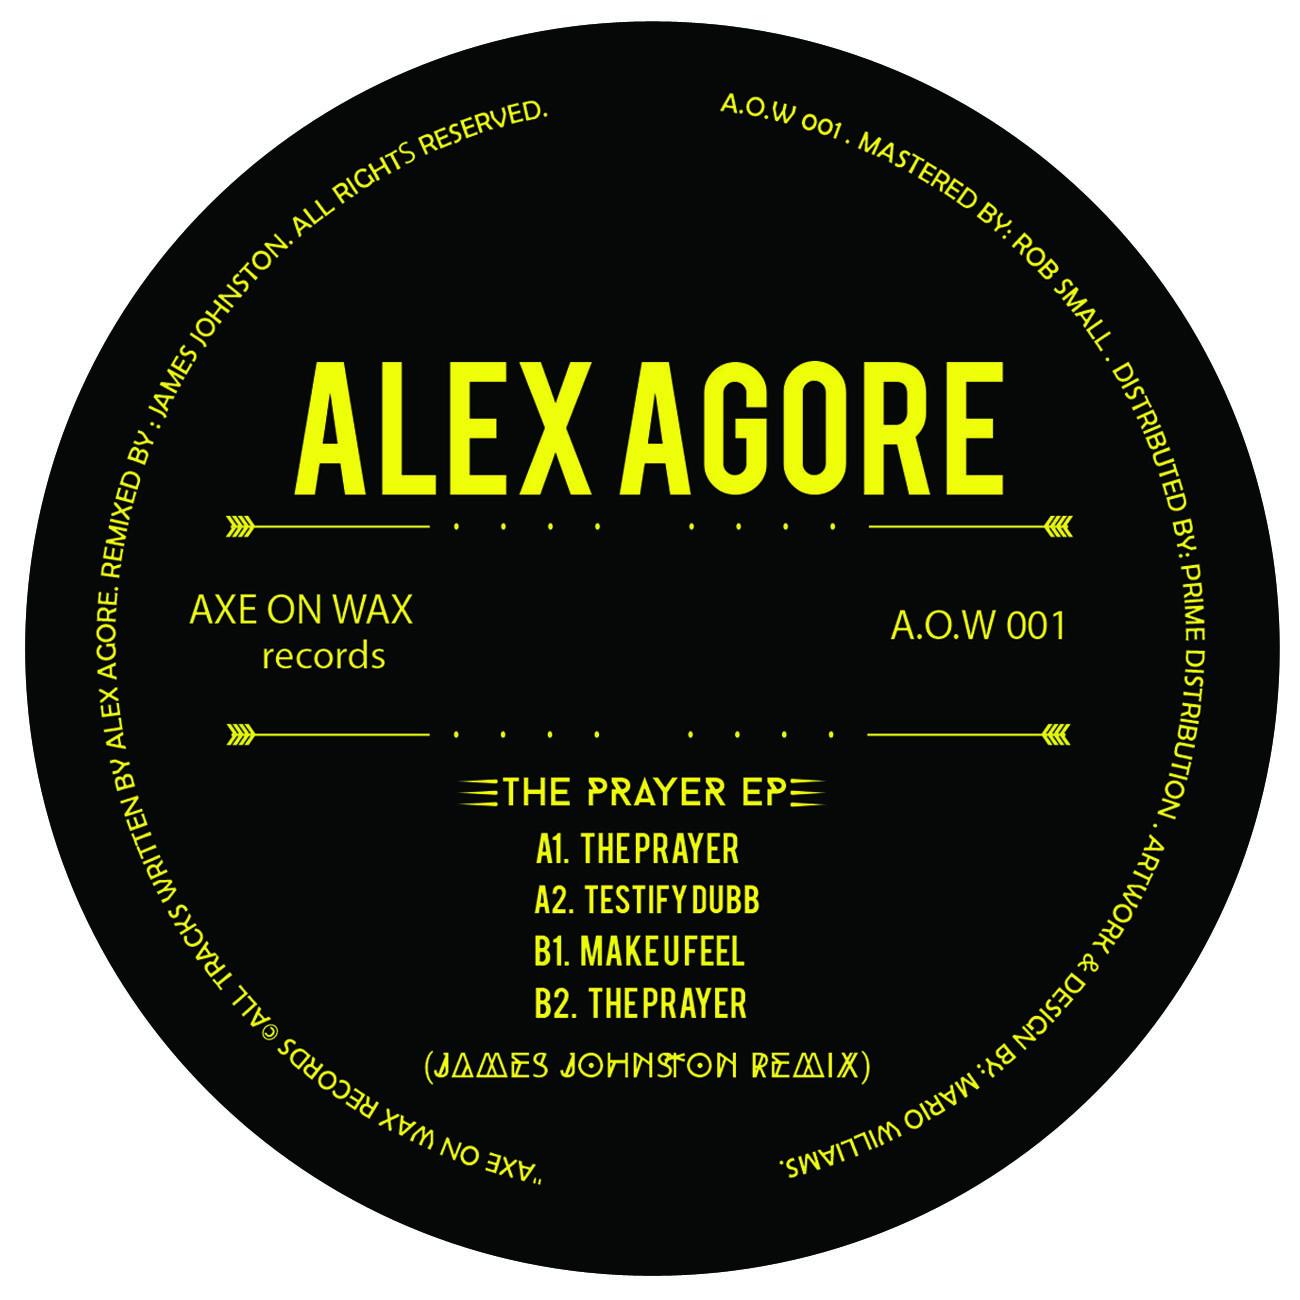 Alex Agore - The Prayer [A.O.W 001]